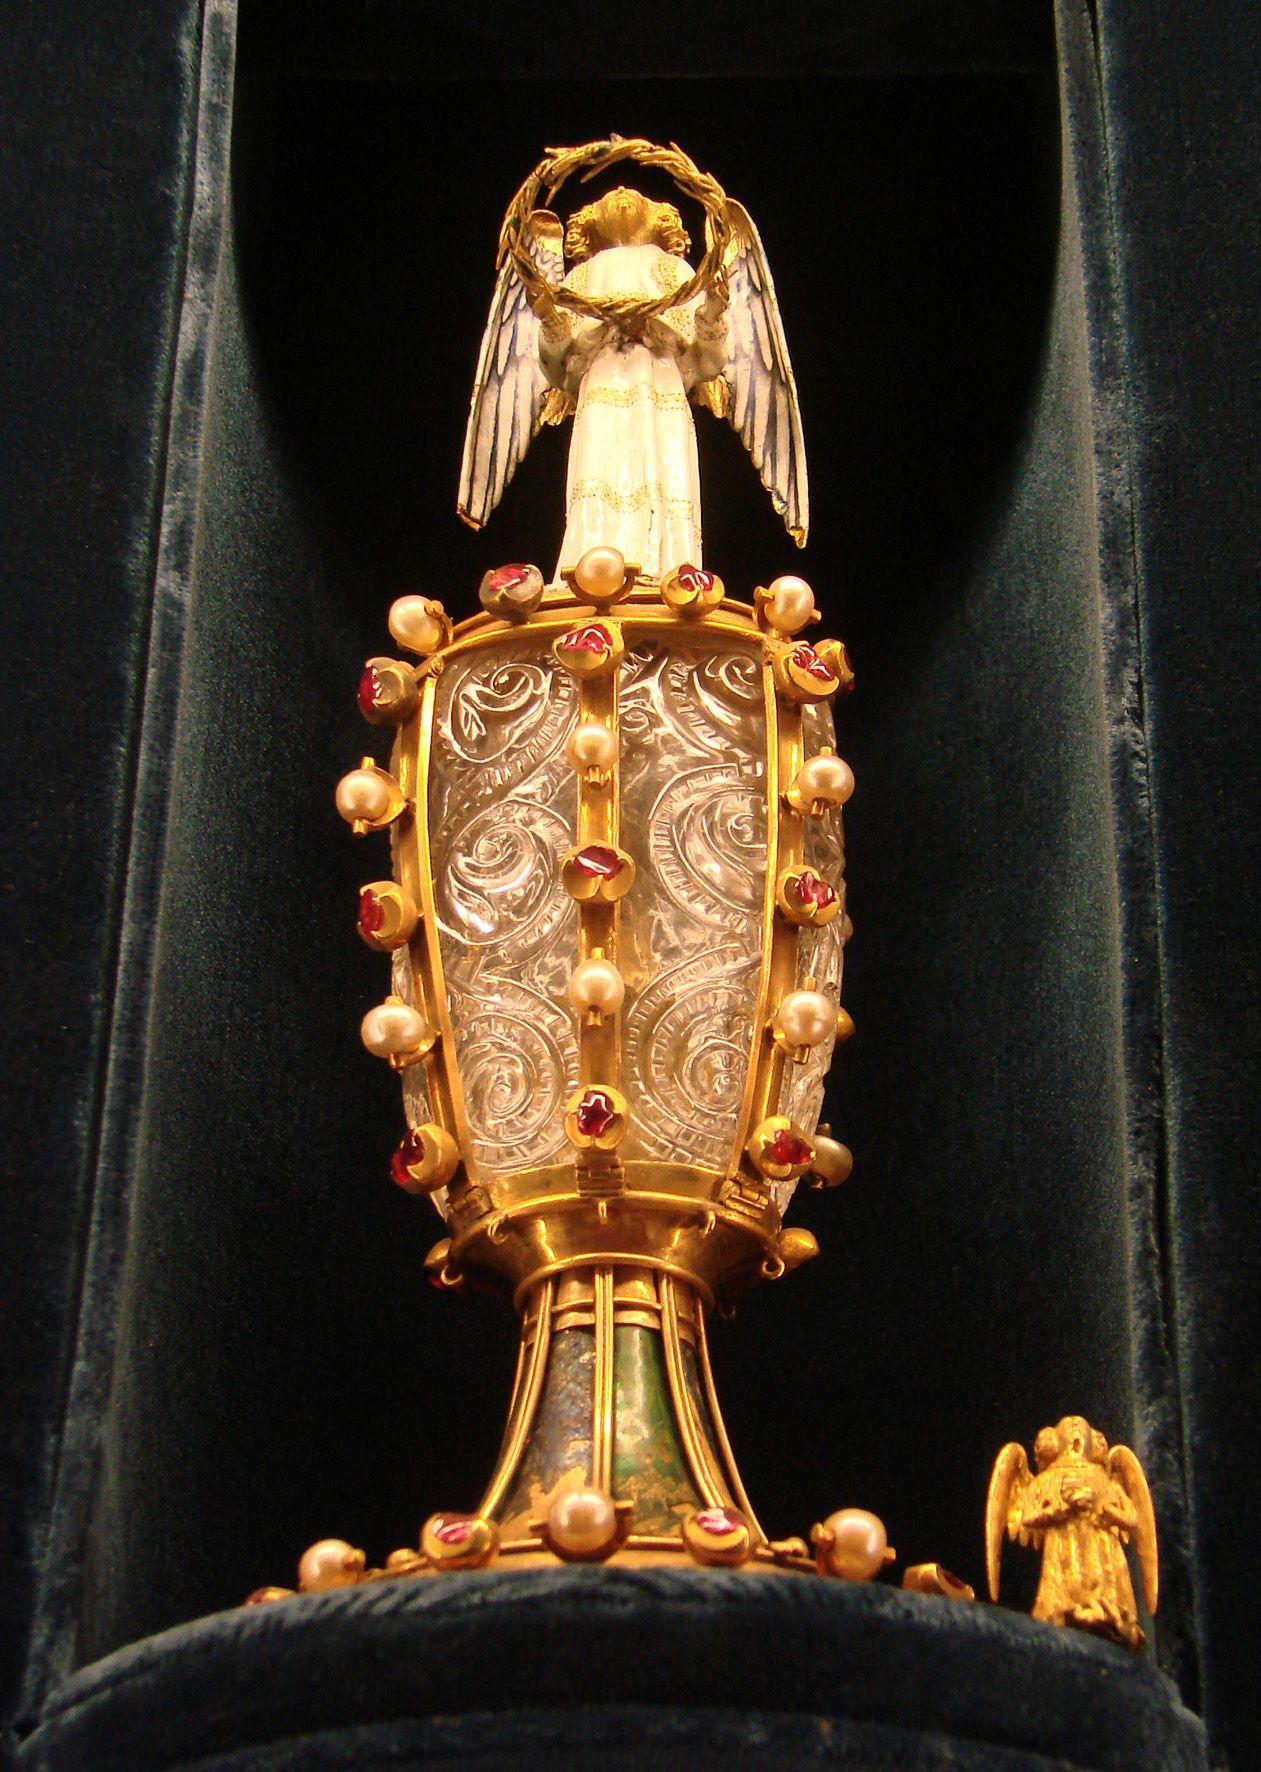 Reliquaire de la Sainte Épine - Palais du Tau, Reims – Par Vassil, domaine public